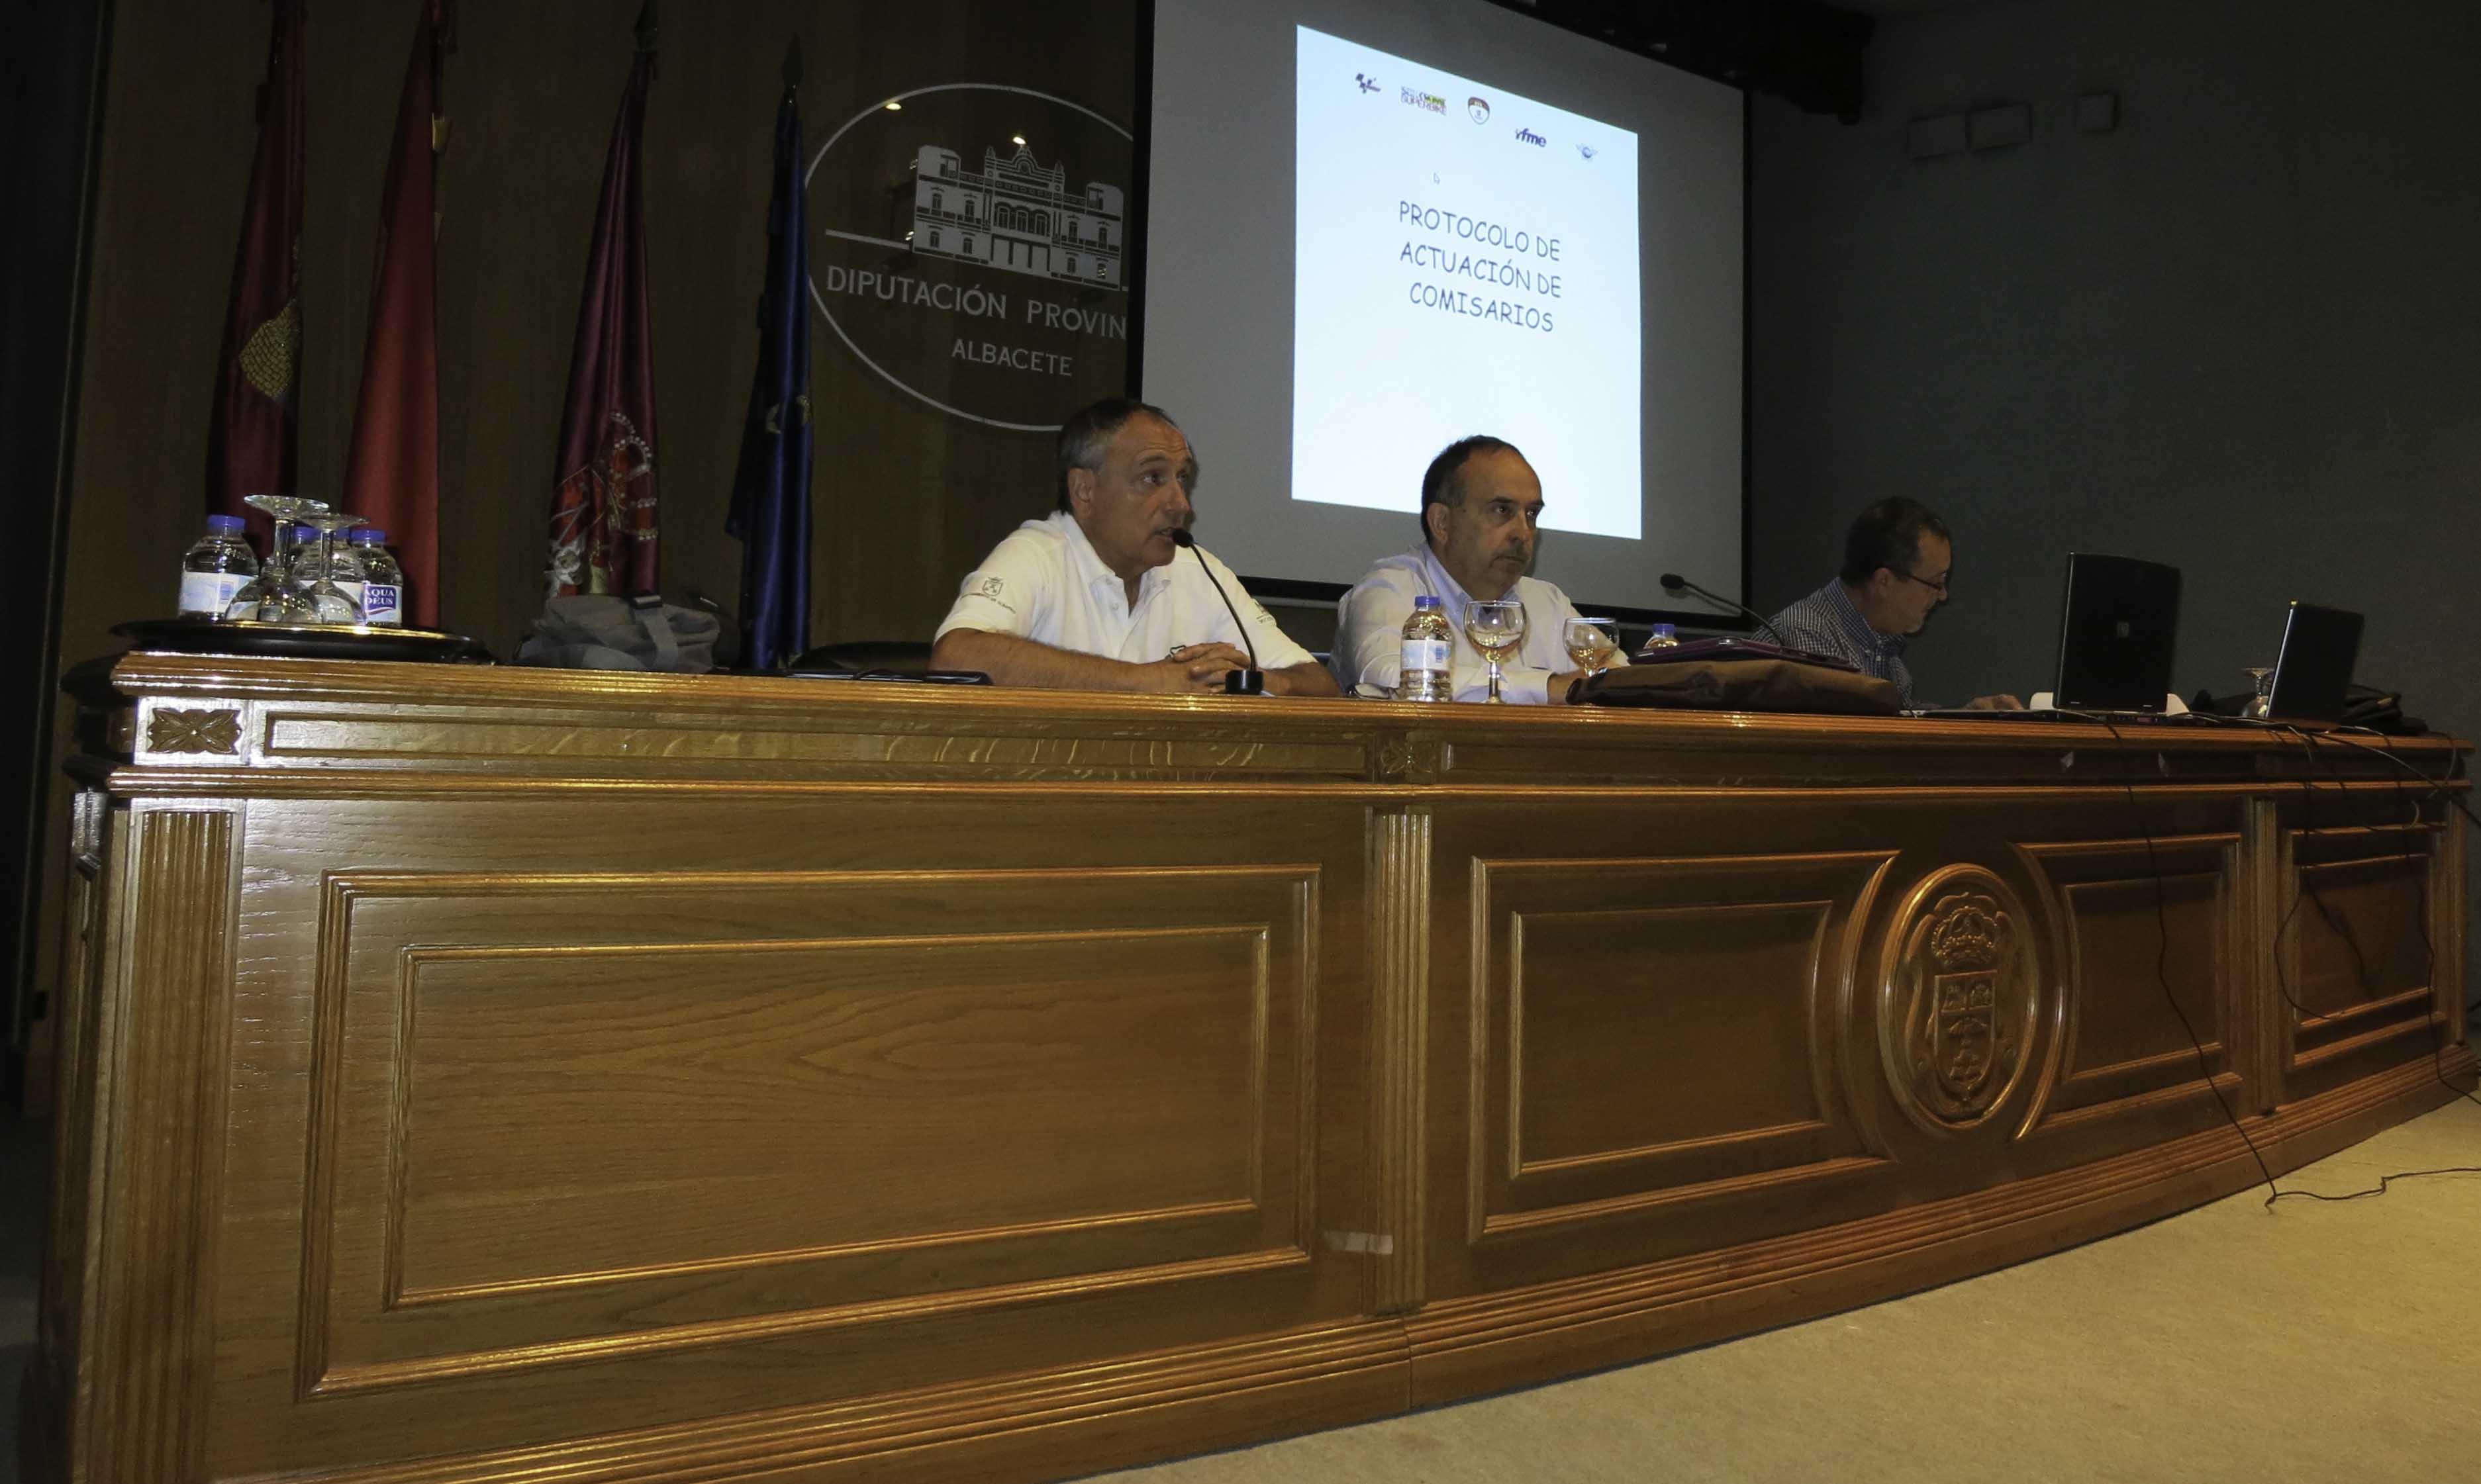 Seminario a comisarios del Circuito (Foto: Circuito de Albacete)